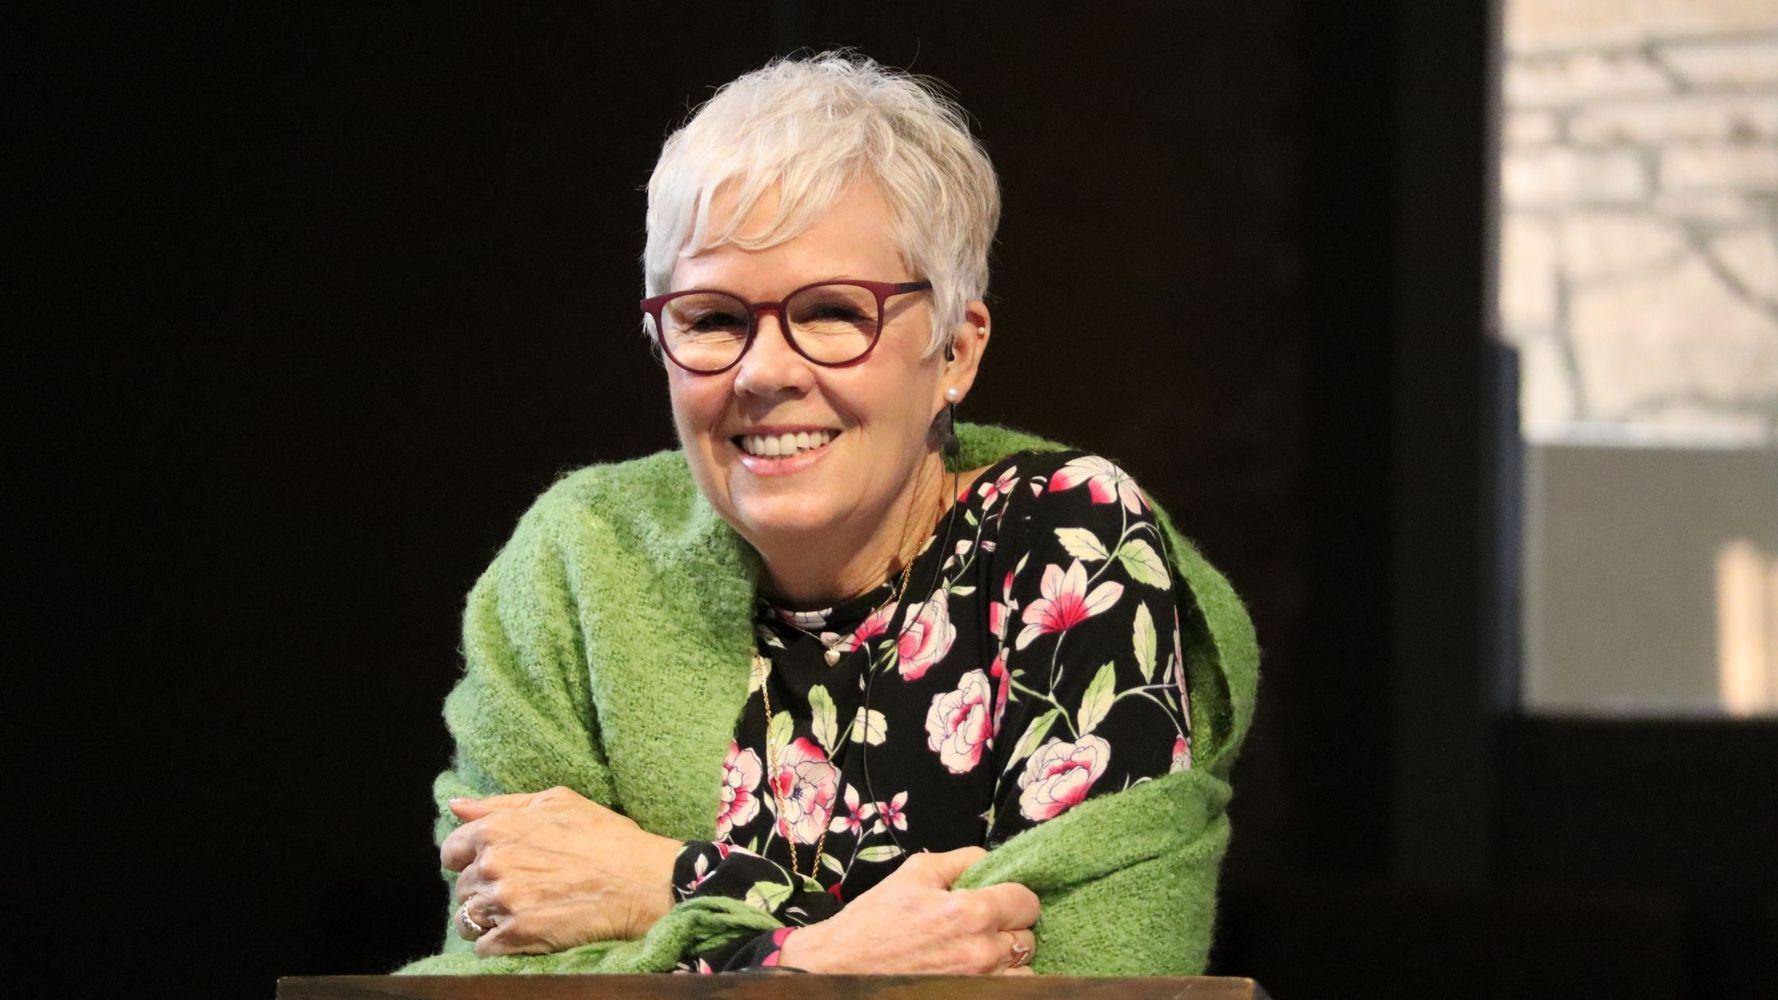 Reverend Denise Burns, Lead Pastor at Chandler Nazarene